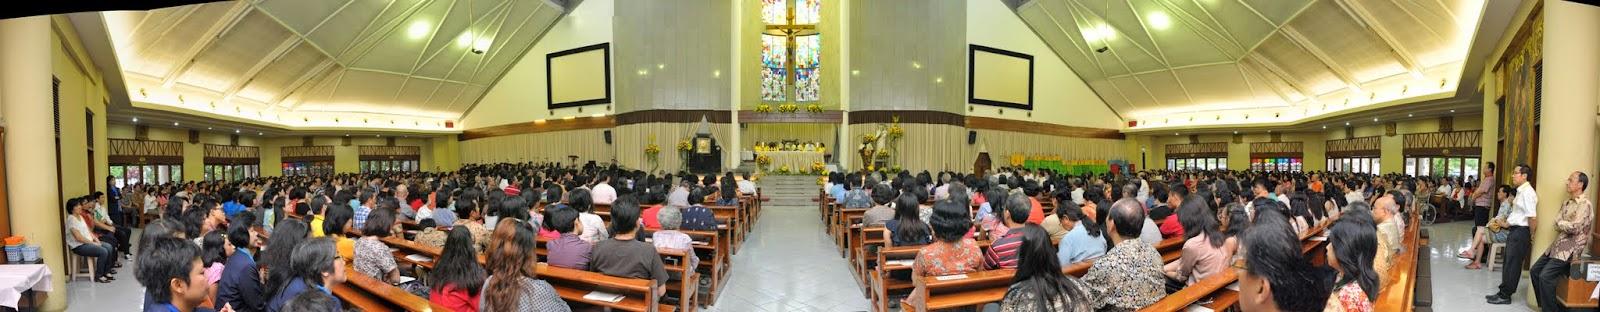 Misa Akbar Pesta Nama - 13 Juli 2014